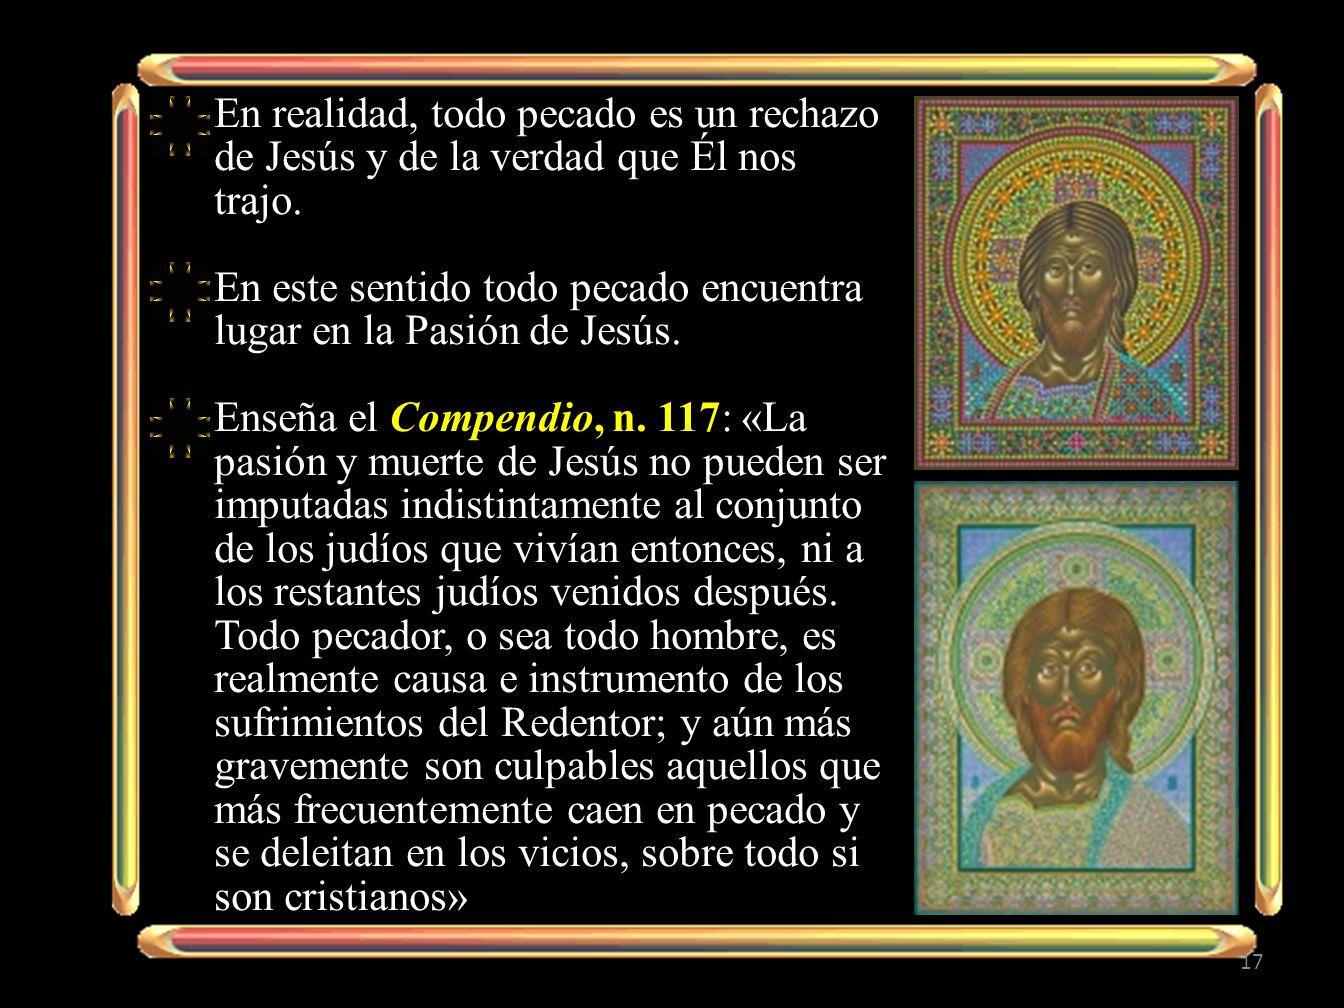 17 En realidad, todo pecado es un rechazo de Jesús y de la verdad que Él nos trajo. En este sentido todo pecado encuentra lugar en la Pasión de Jesús.